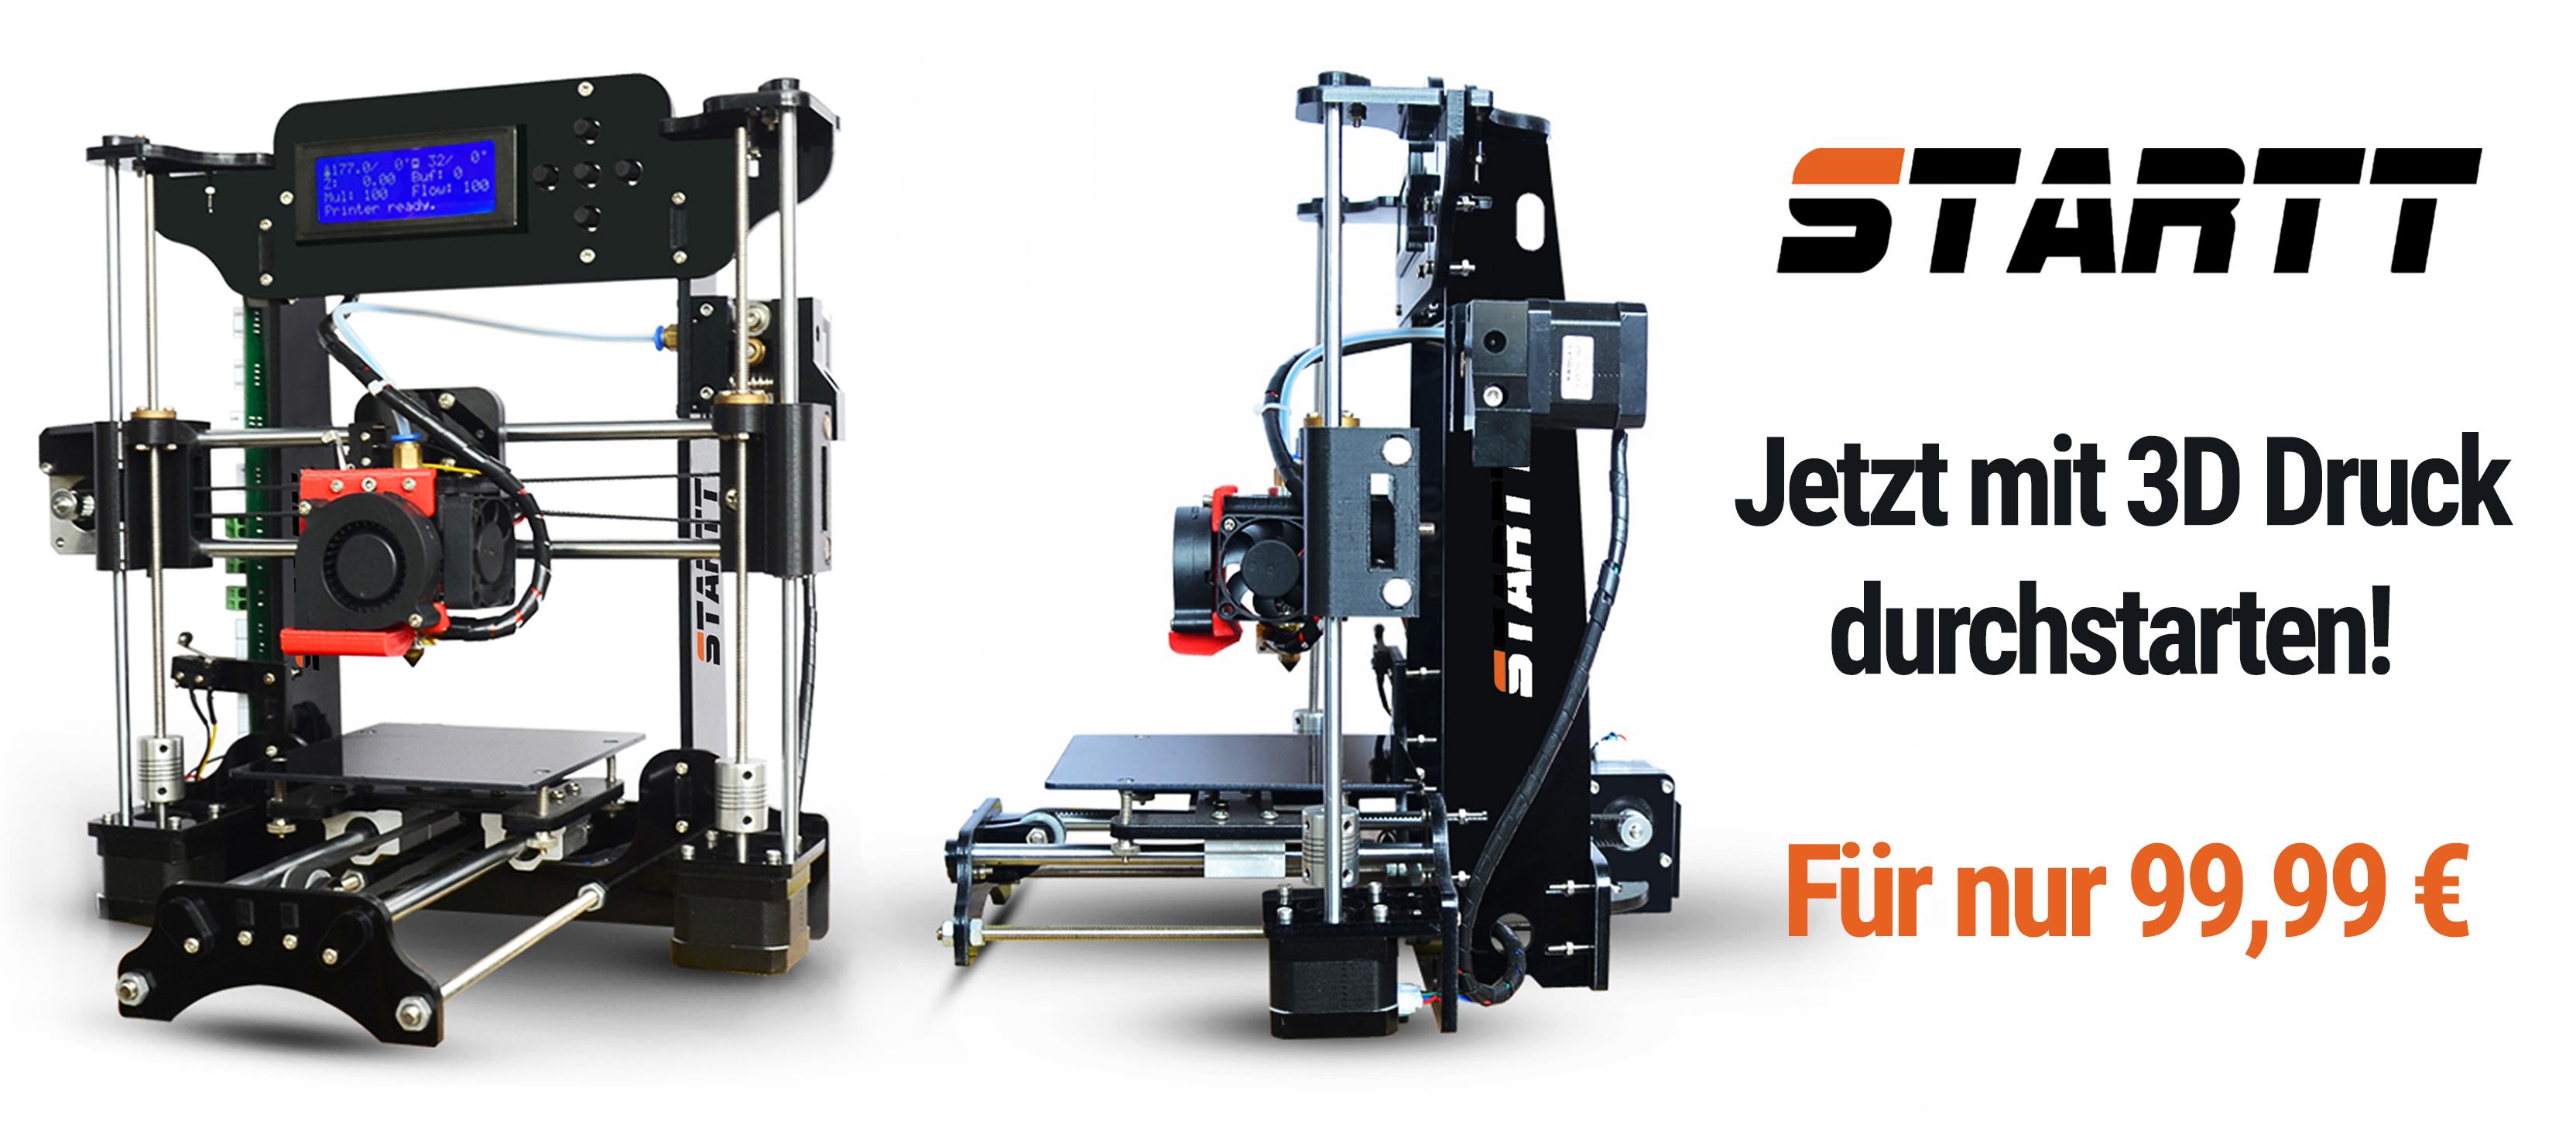 STARTT 3D Drucker